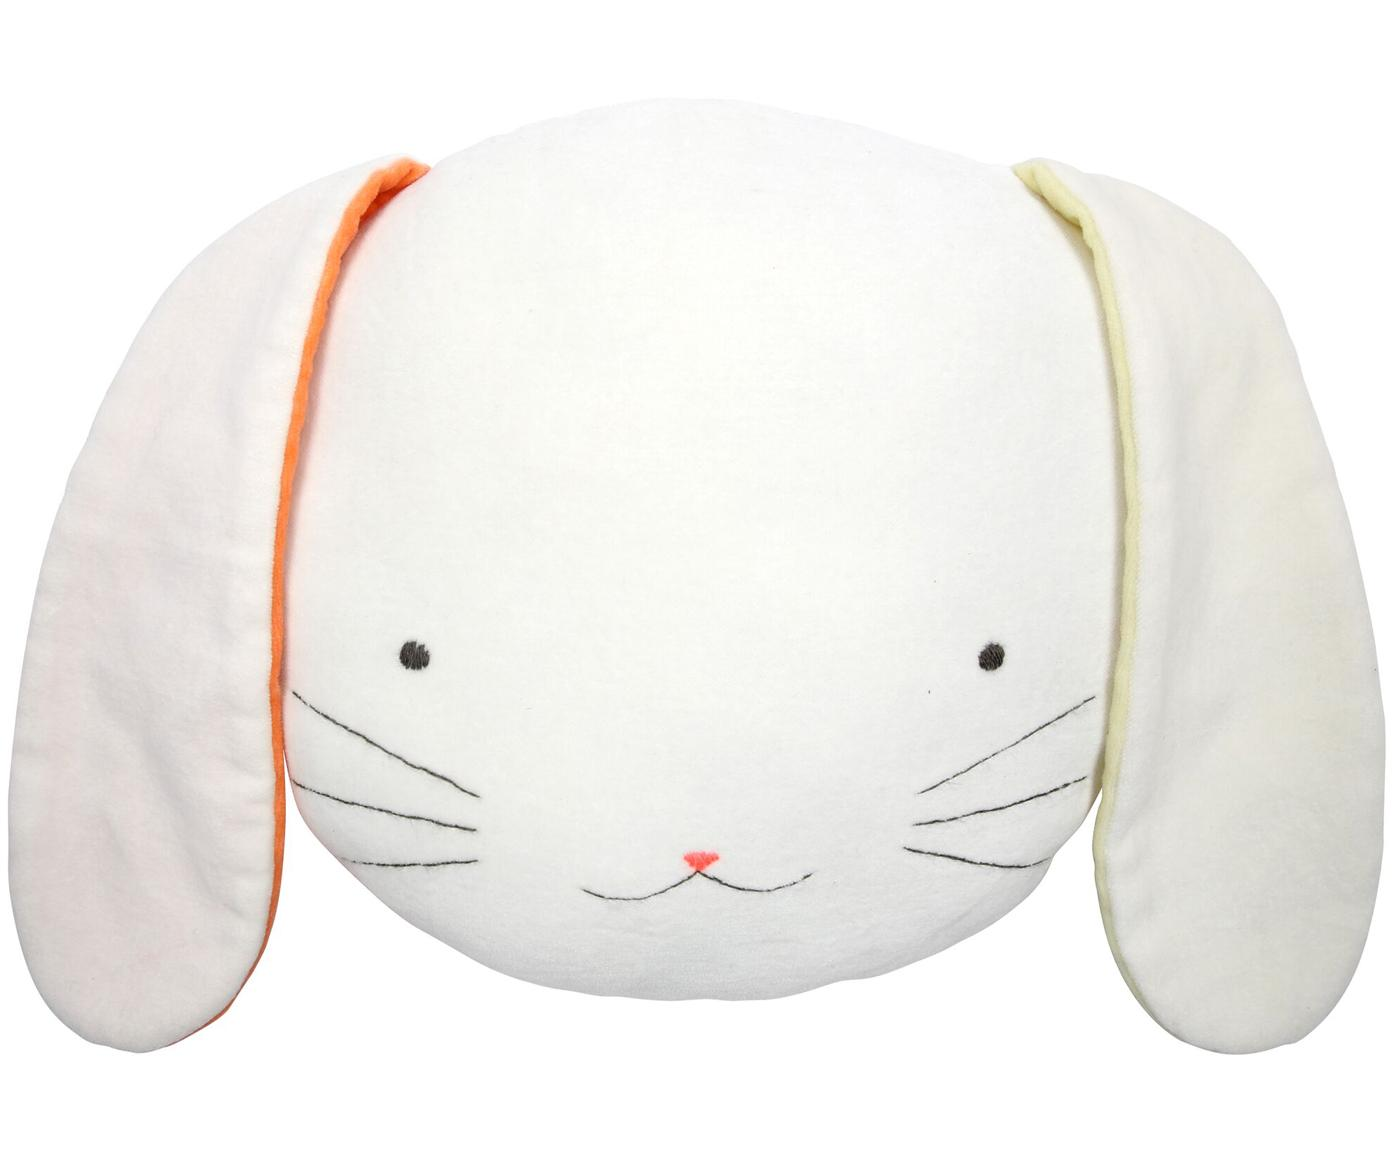 Cuscino coniglietto soffice Bunny, Rivestimento: velluto di cotone, Bianco, giallo, arancione, nero, Larg. 26 x Alt. 20 cm